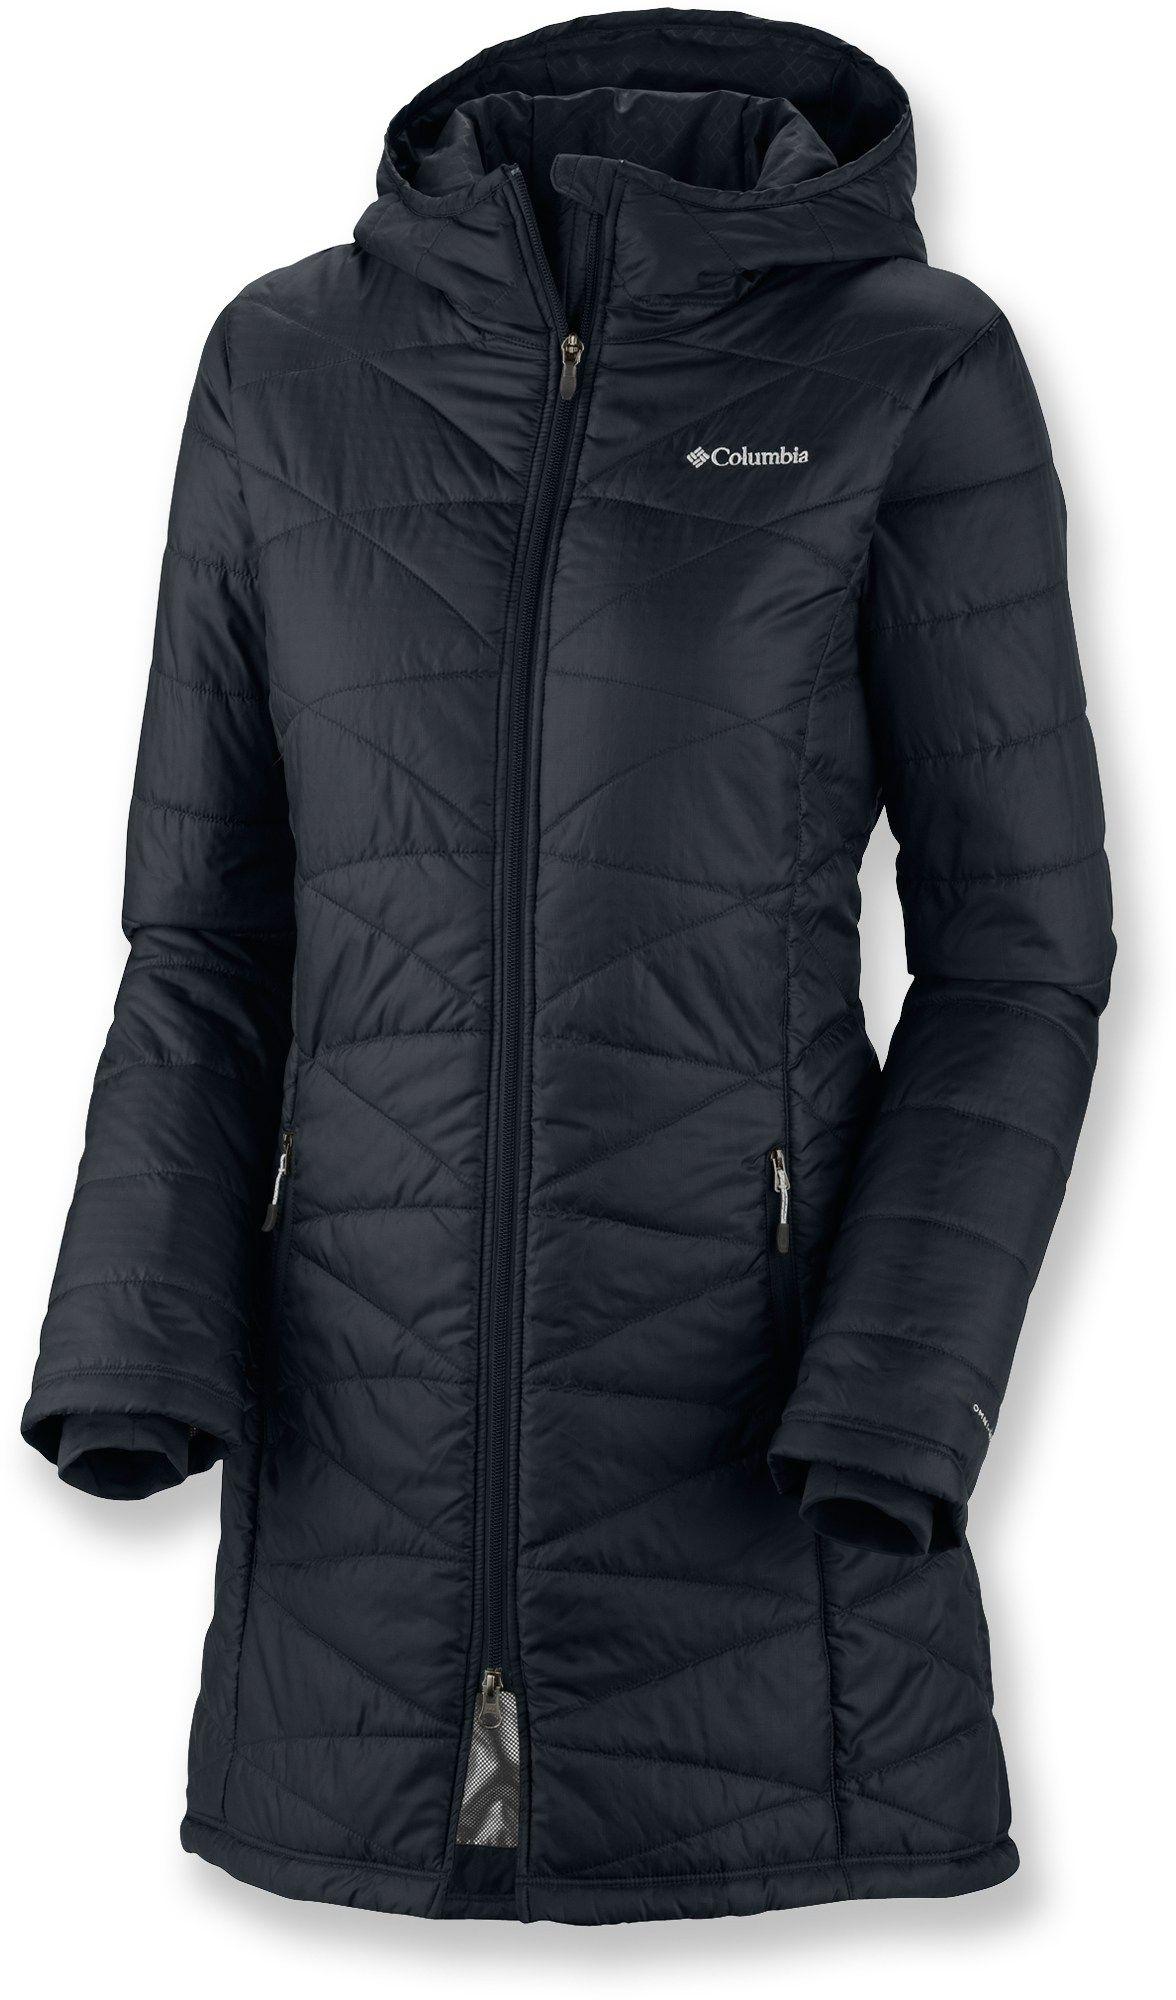 Columbia Mighty Lite Hooded Jacket - Women's | REI Co-op ...